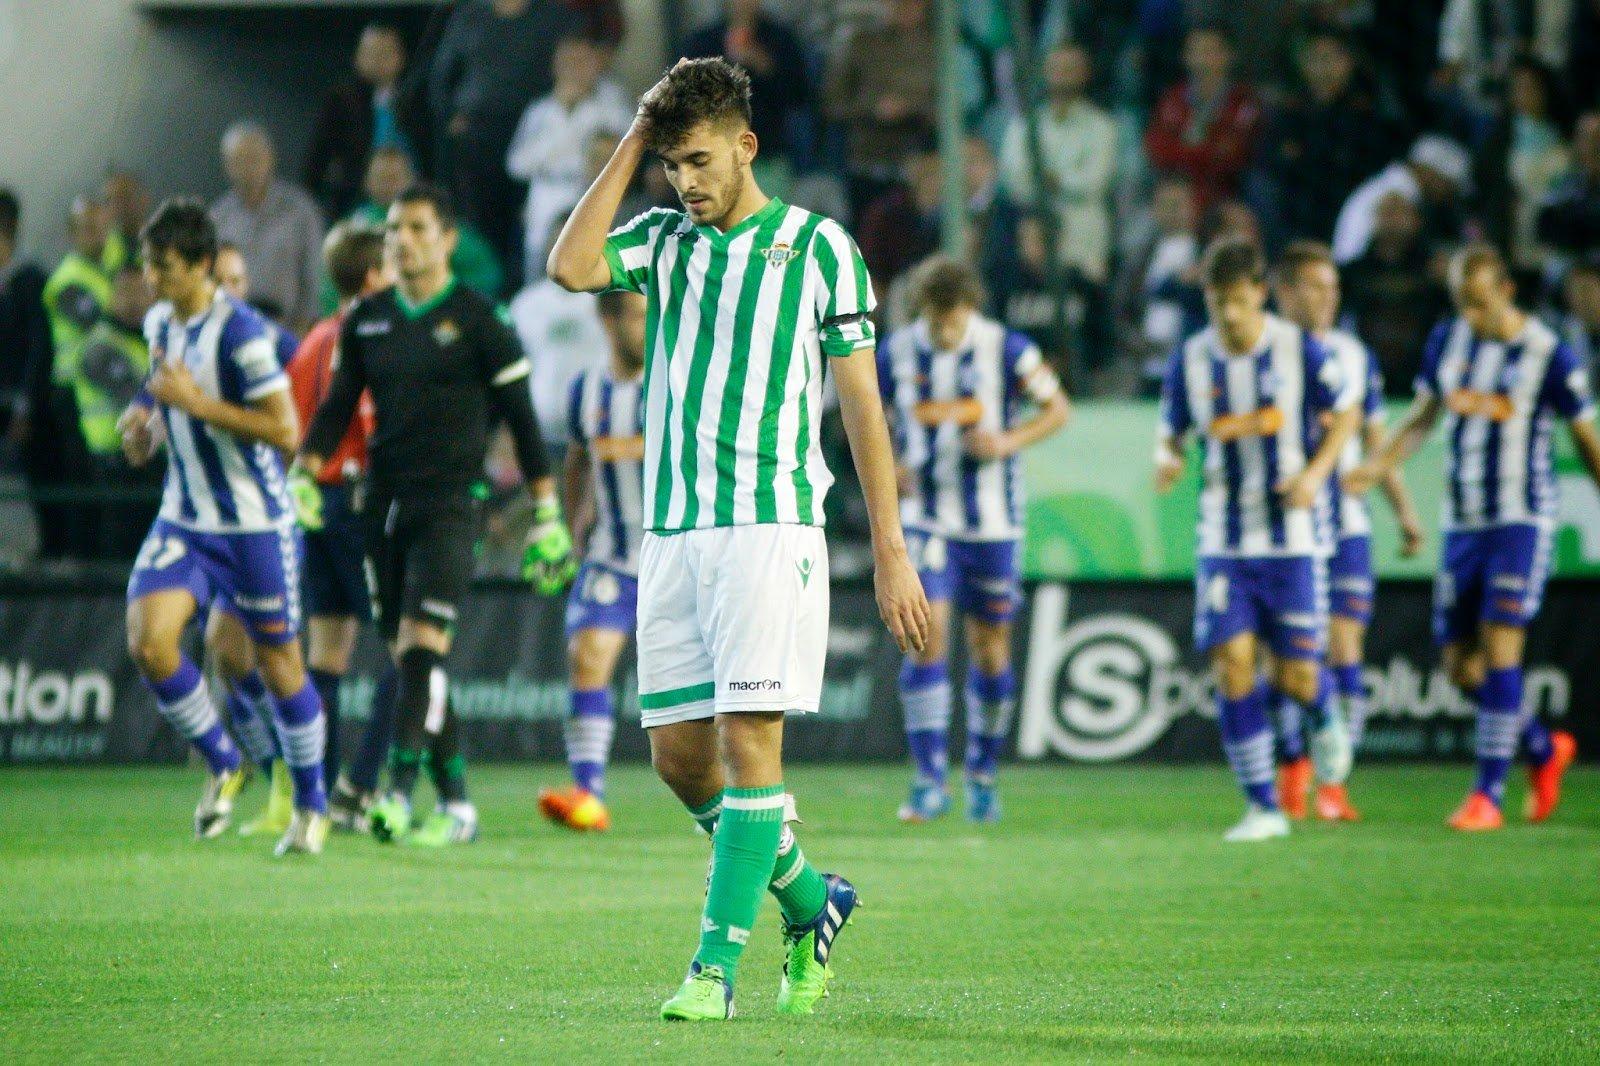 Ceballos tras un gol del Alavés. Fuente: TreceBarras